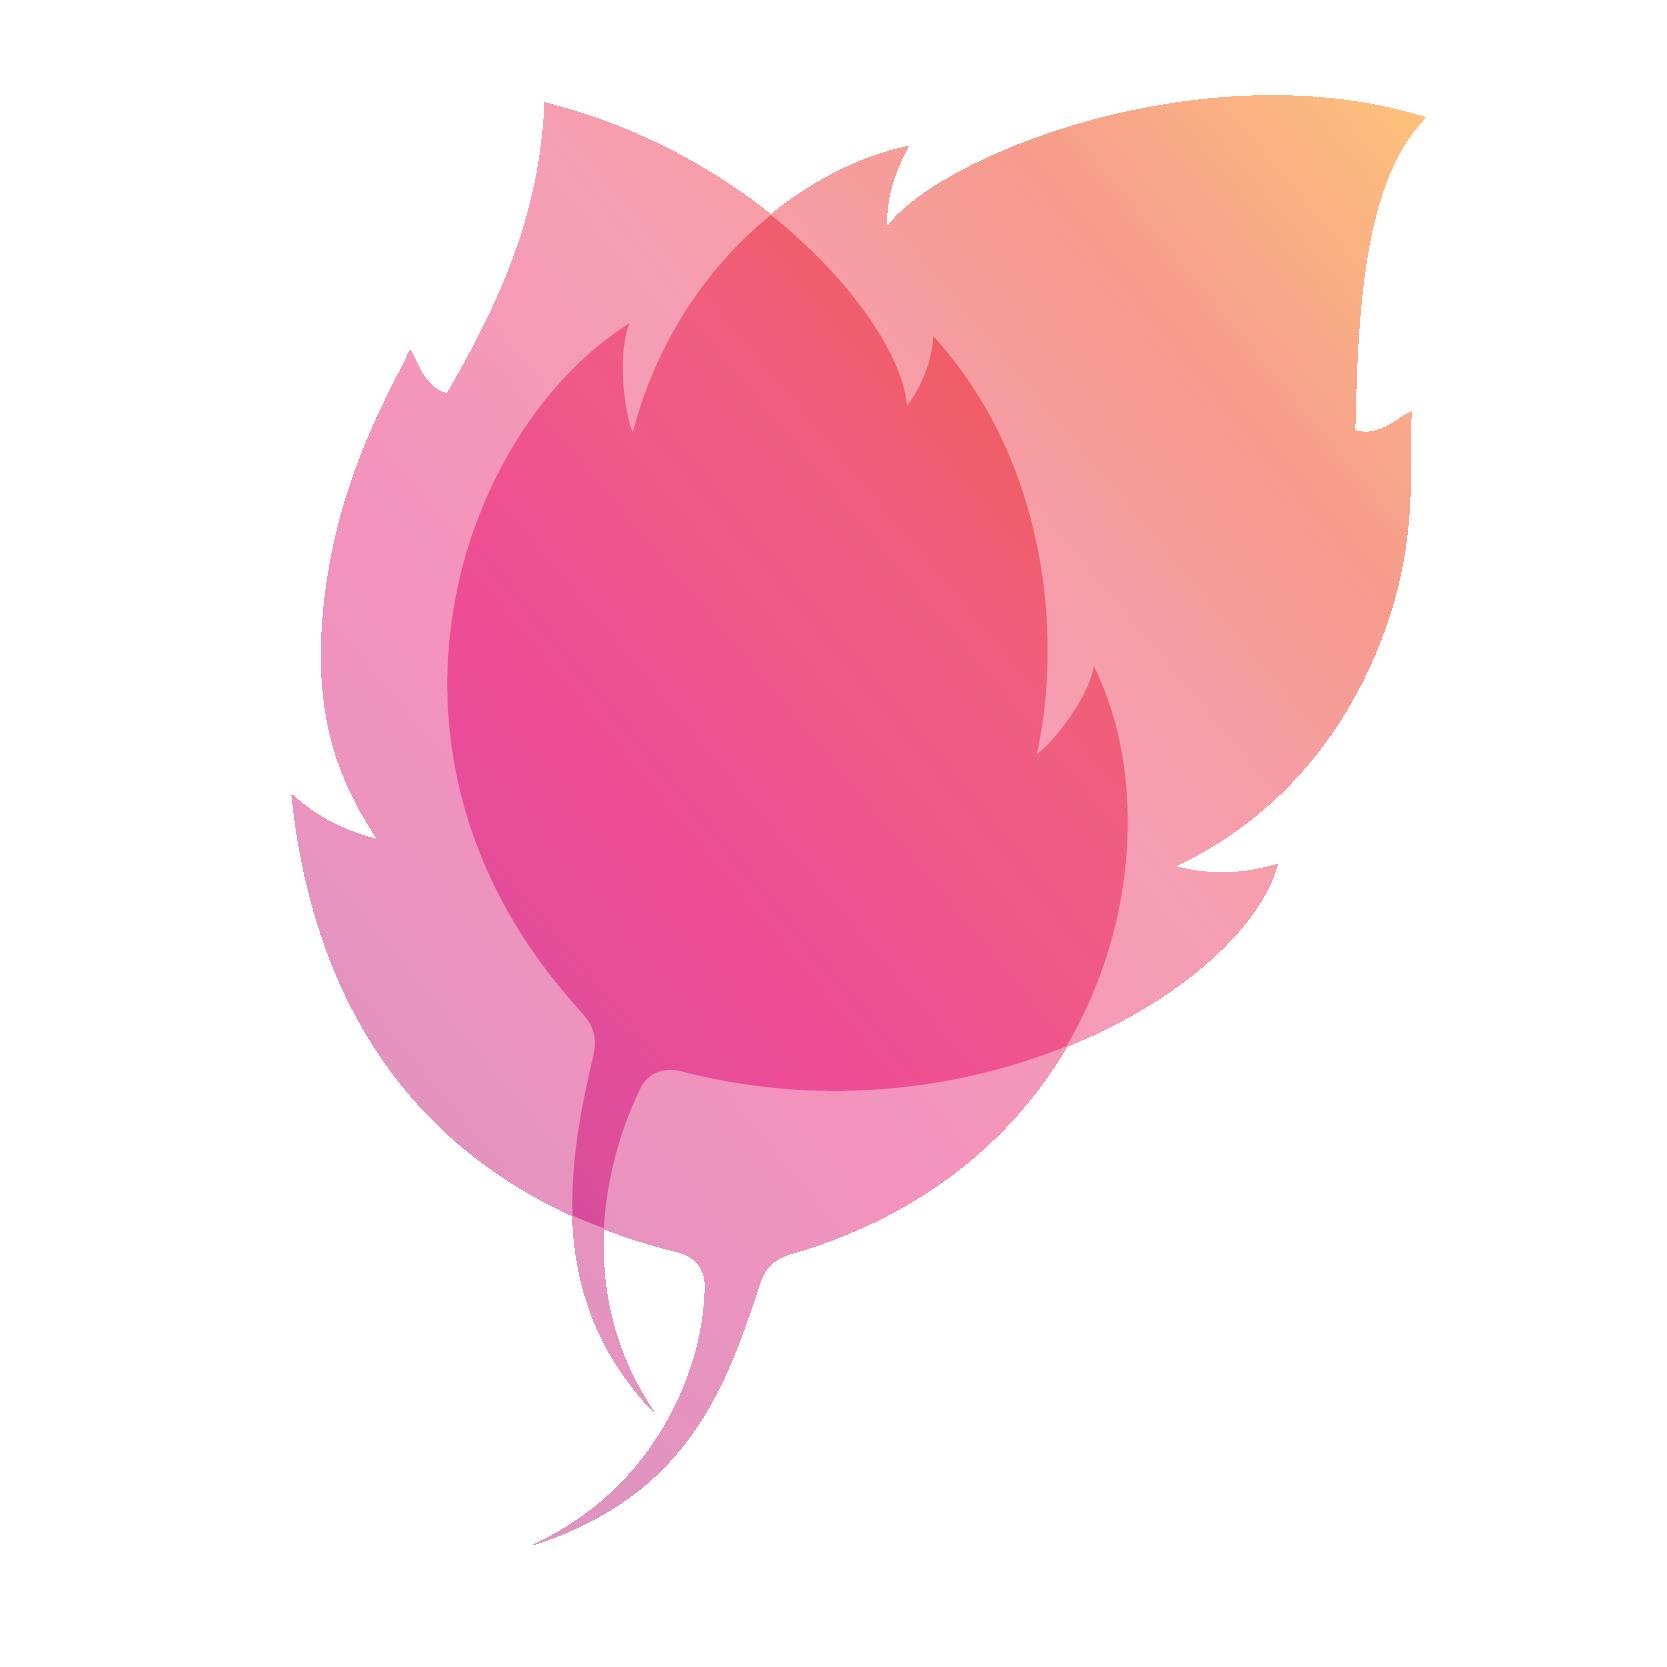 Esthetics acquaviva delle fonti. Lotus clipart esthetician